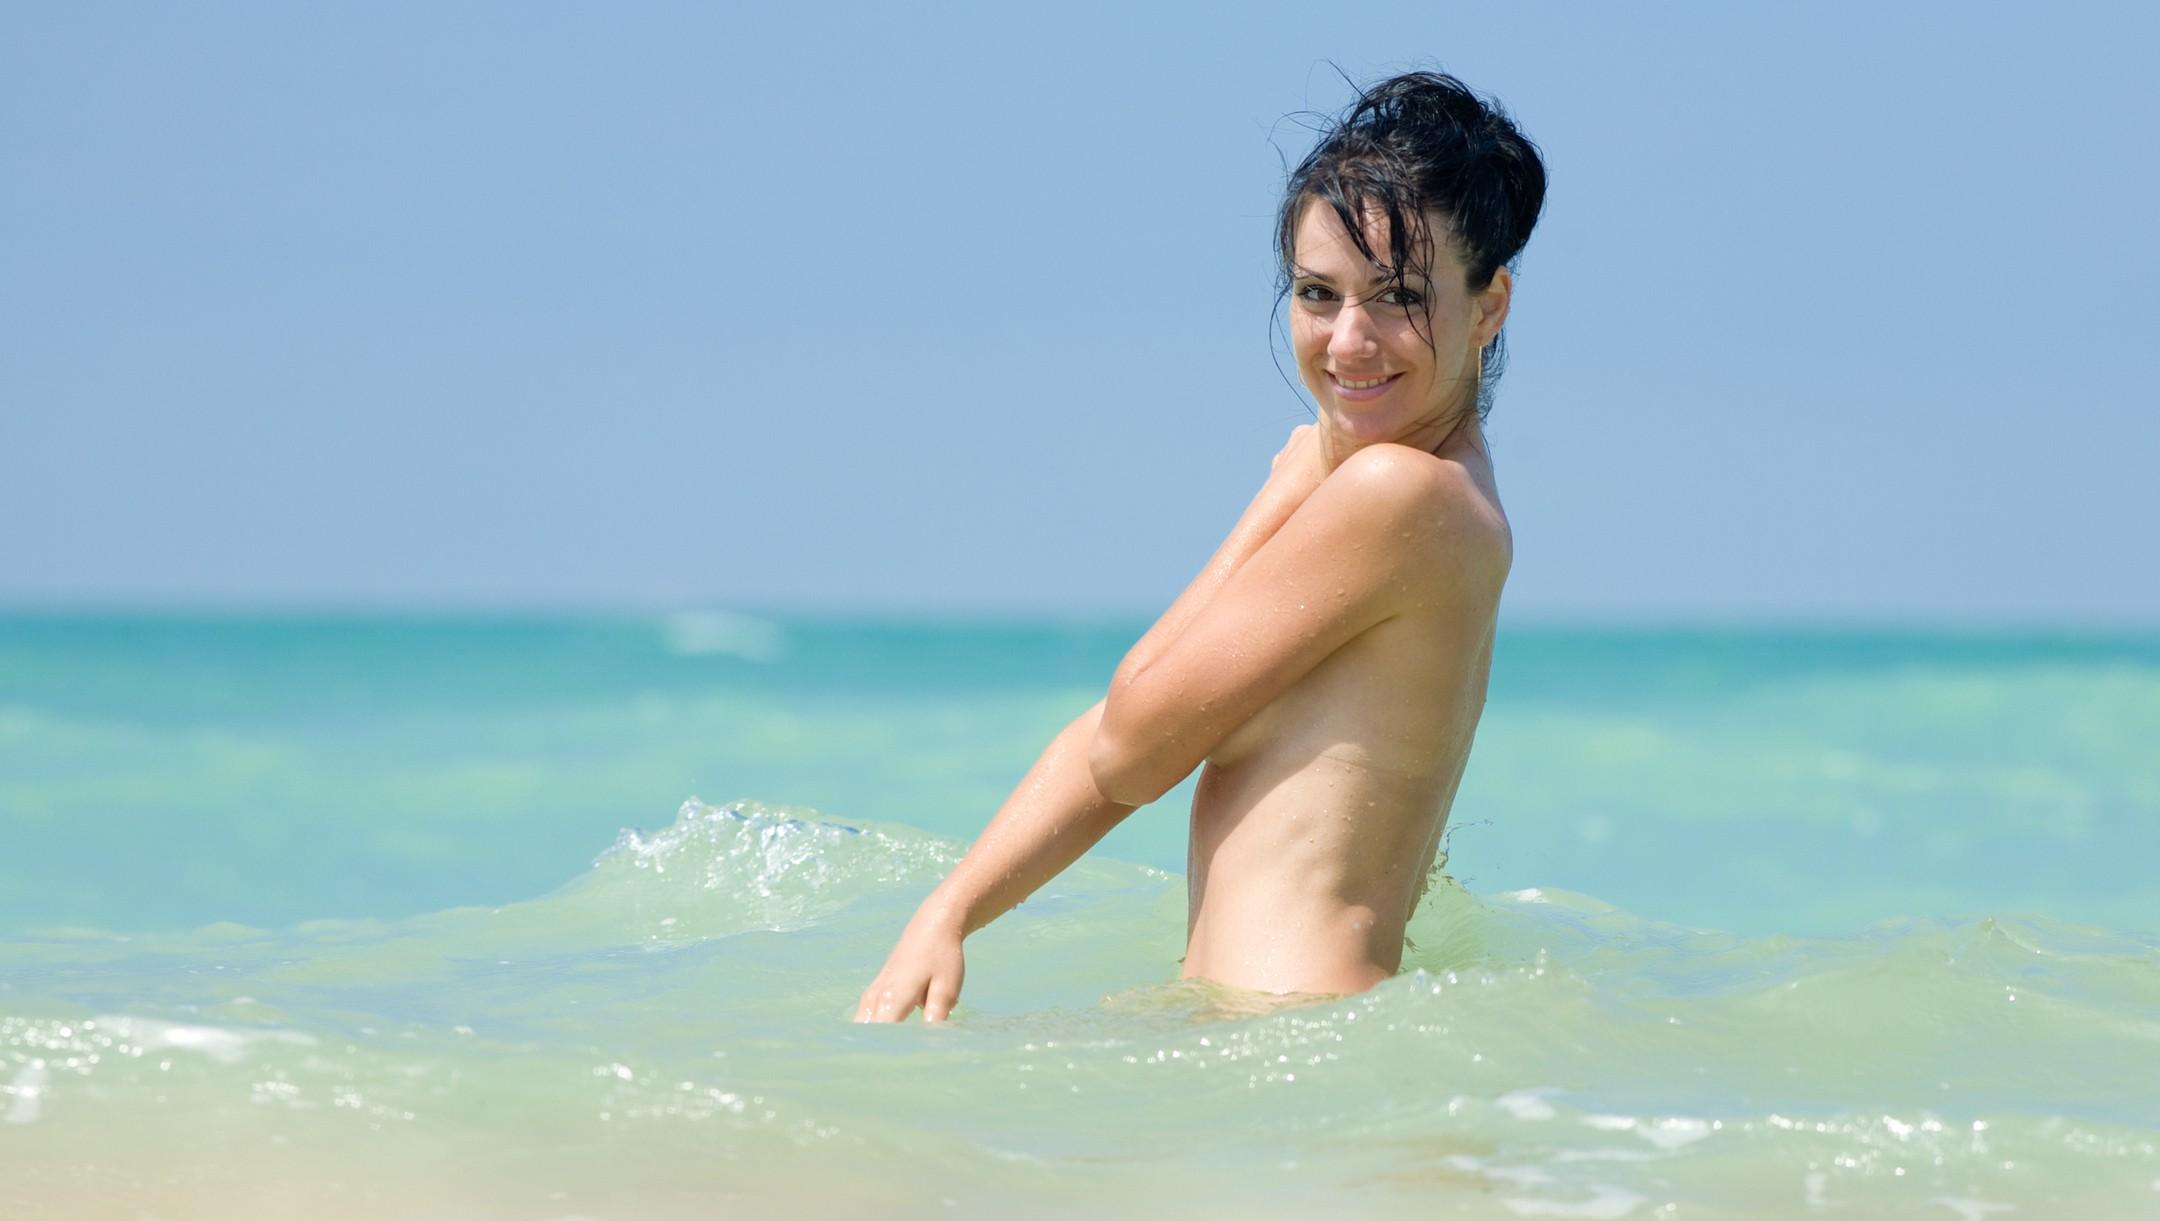 Nackt-schwimmen